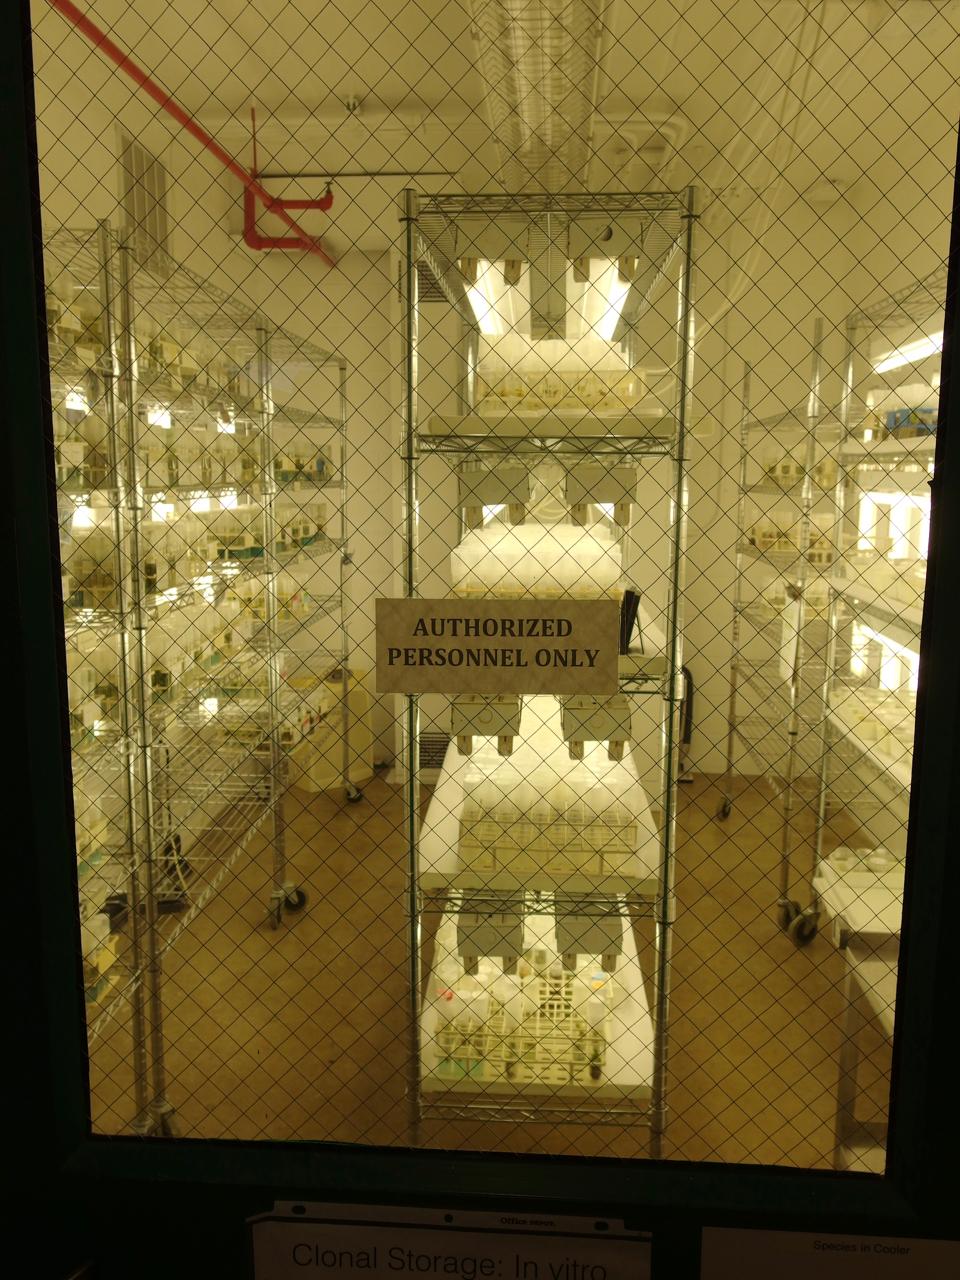 20C Tissue Culture Room